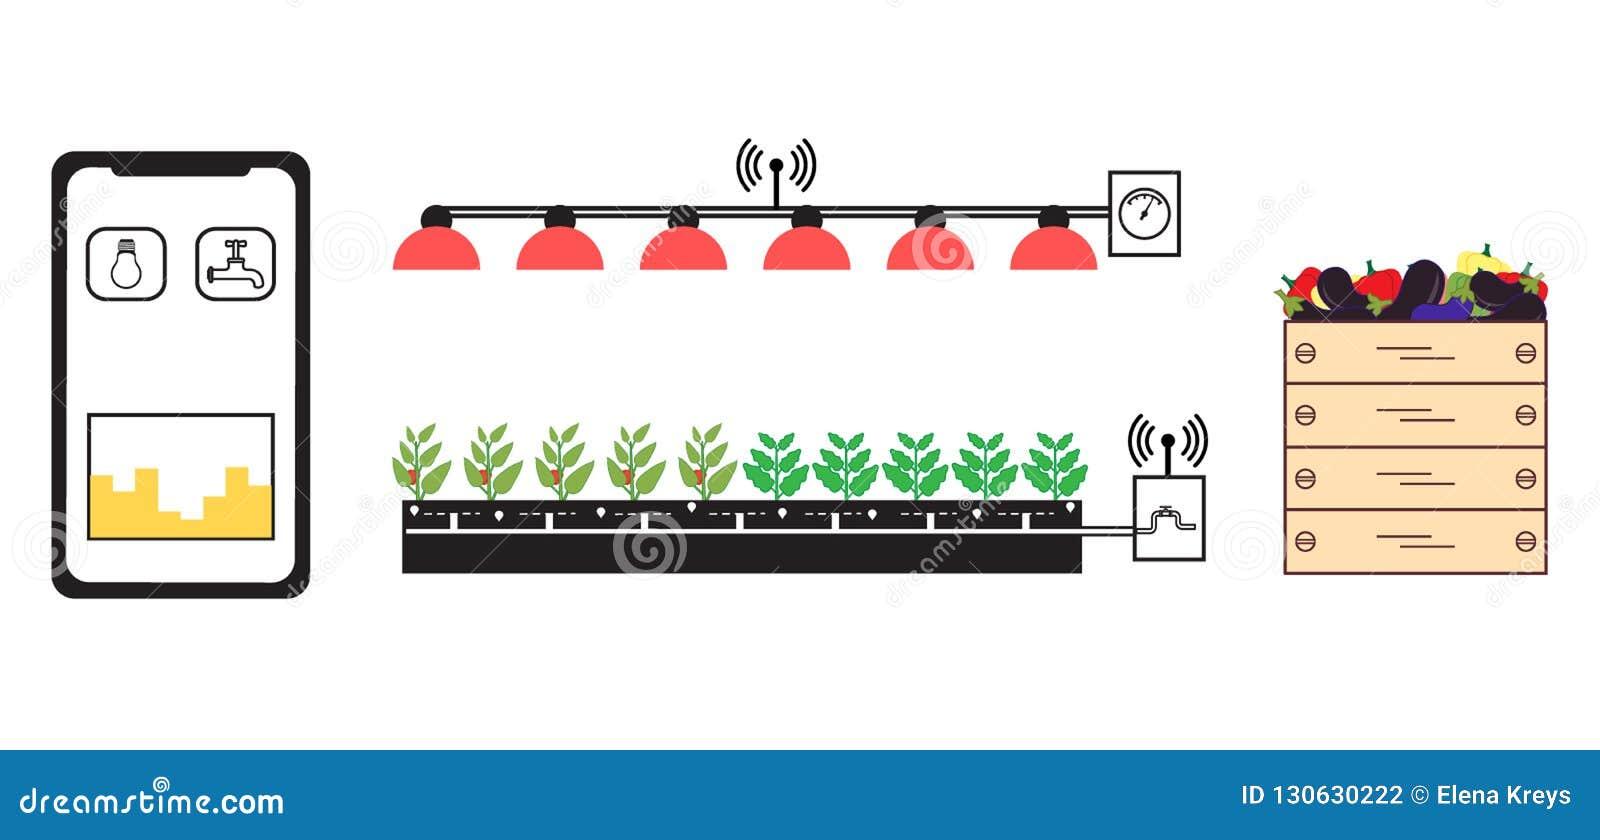 Έξυπνο αγρόκτημα και γεωργία νέες τεχνολογίες